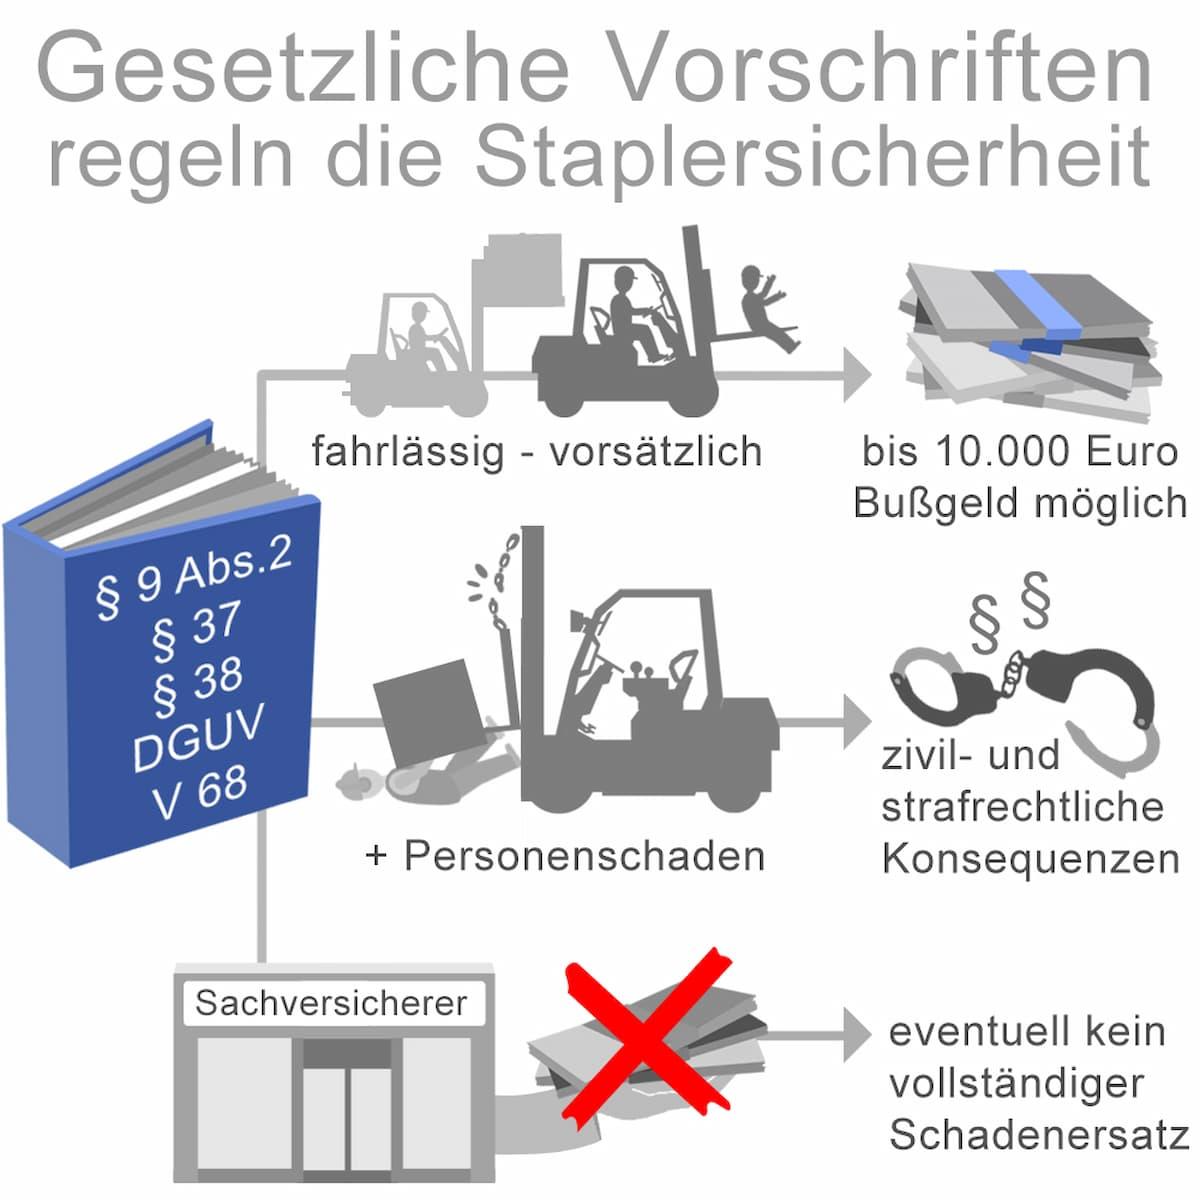 Gsetzliche Vorschriften regeln die Staplersicherheit